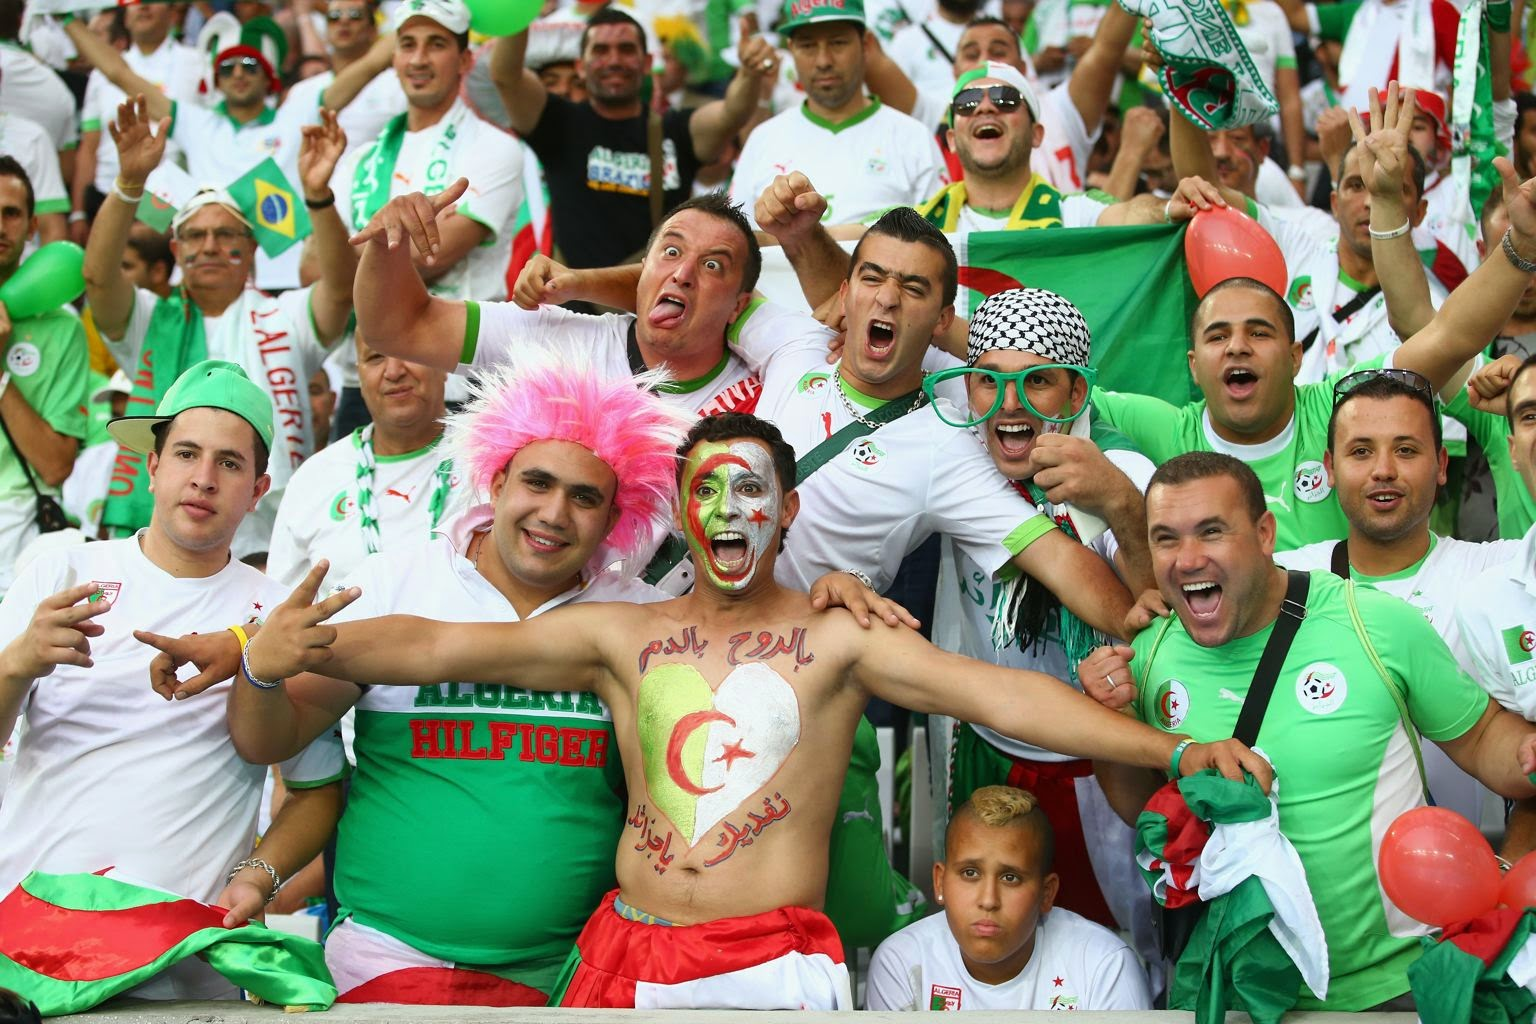 صوره صور المنتخب الوطني الجزائري , منتخب بلد المليون شهيد